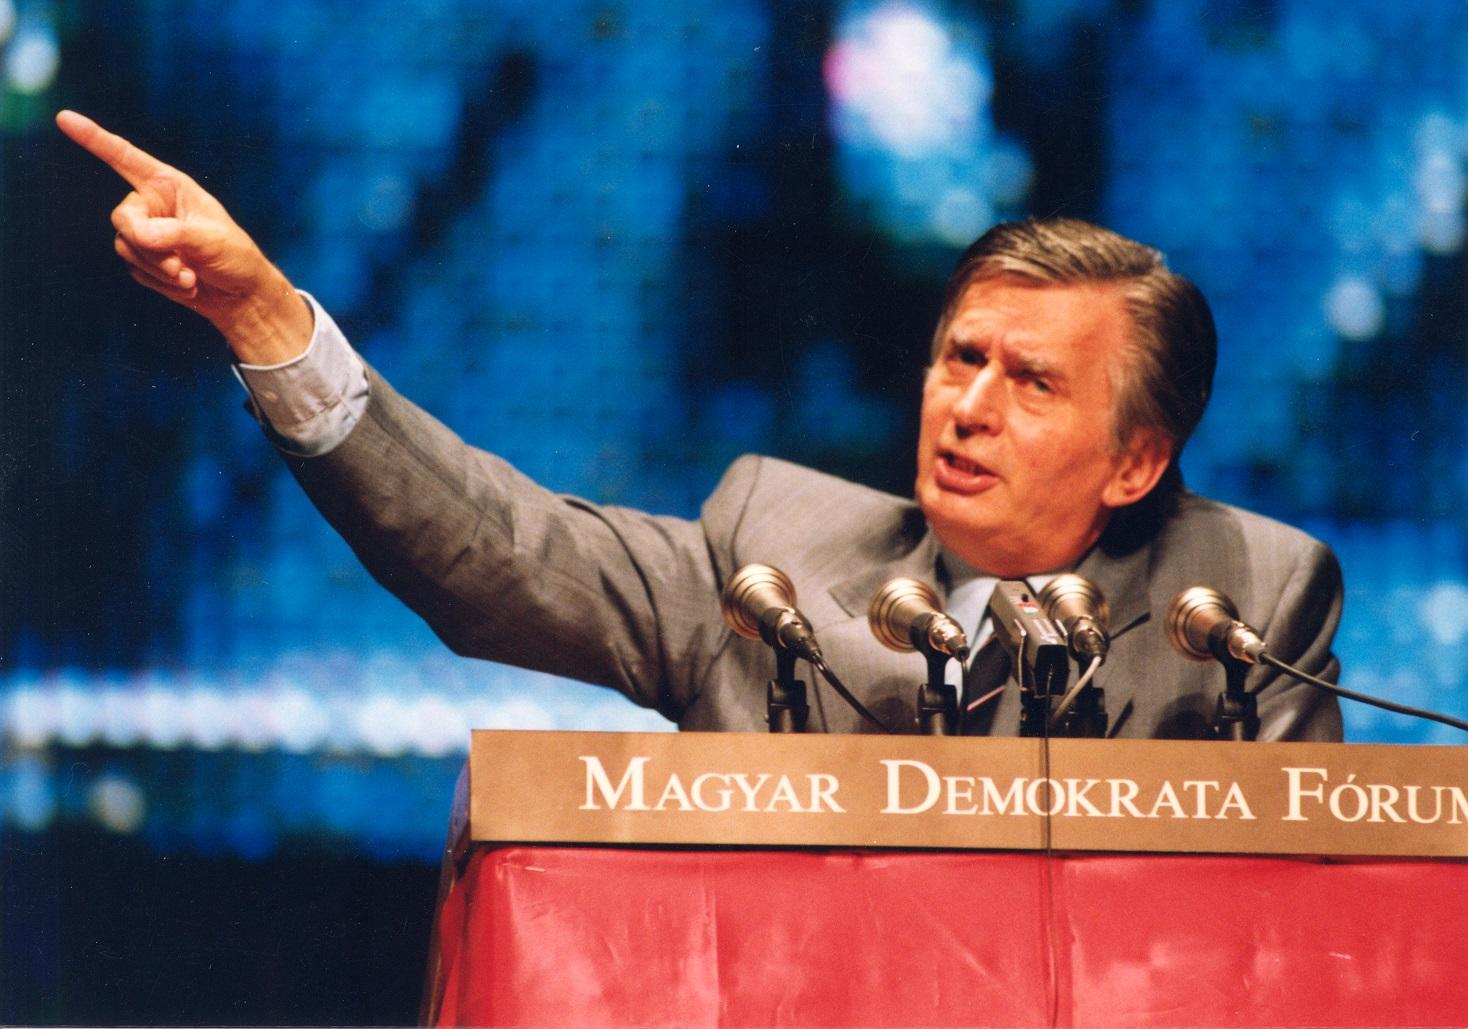 jozsef_antall_jr_speech_1990.jpg